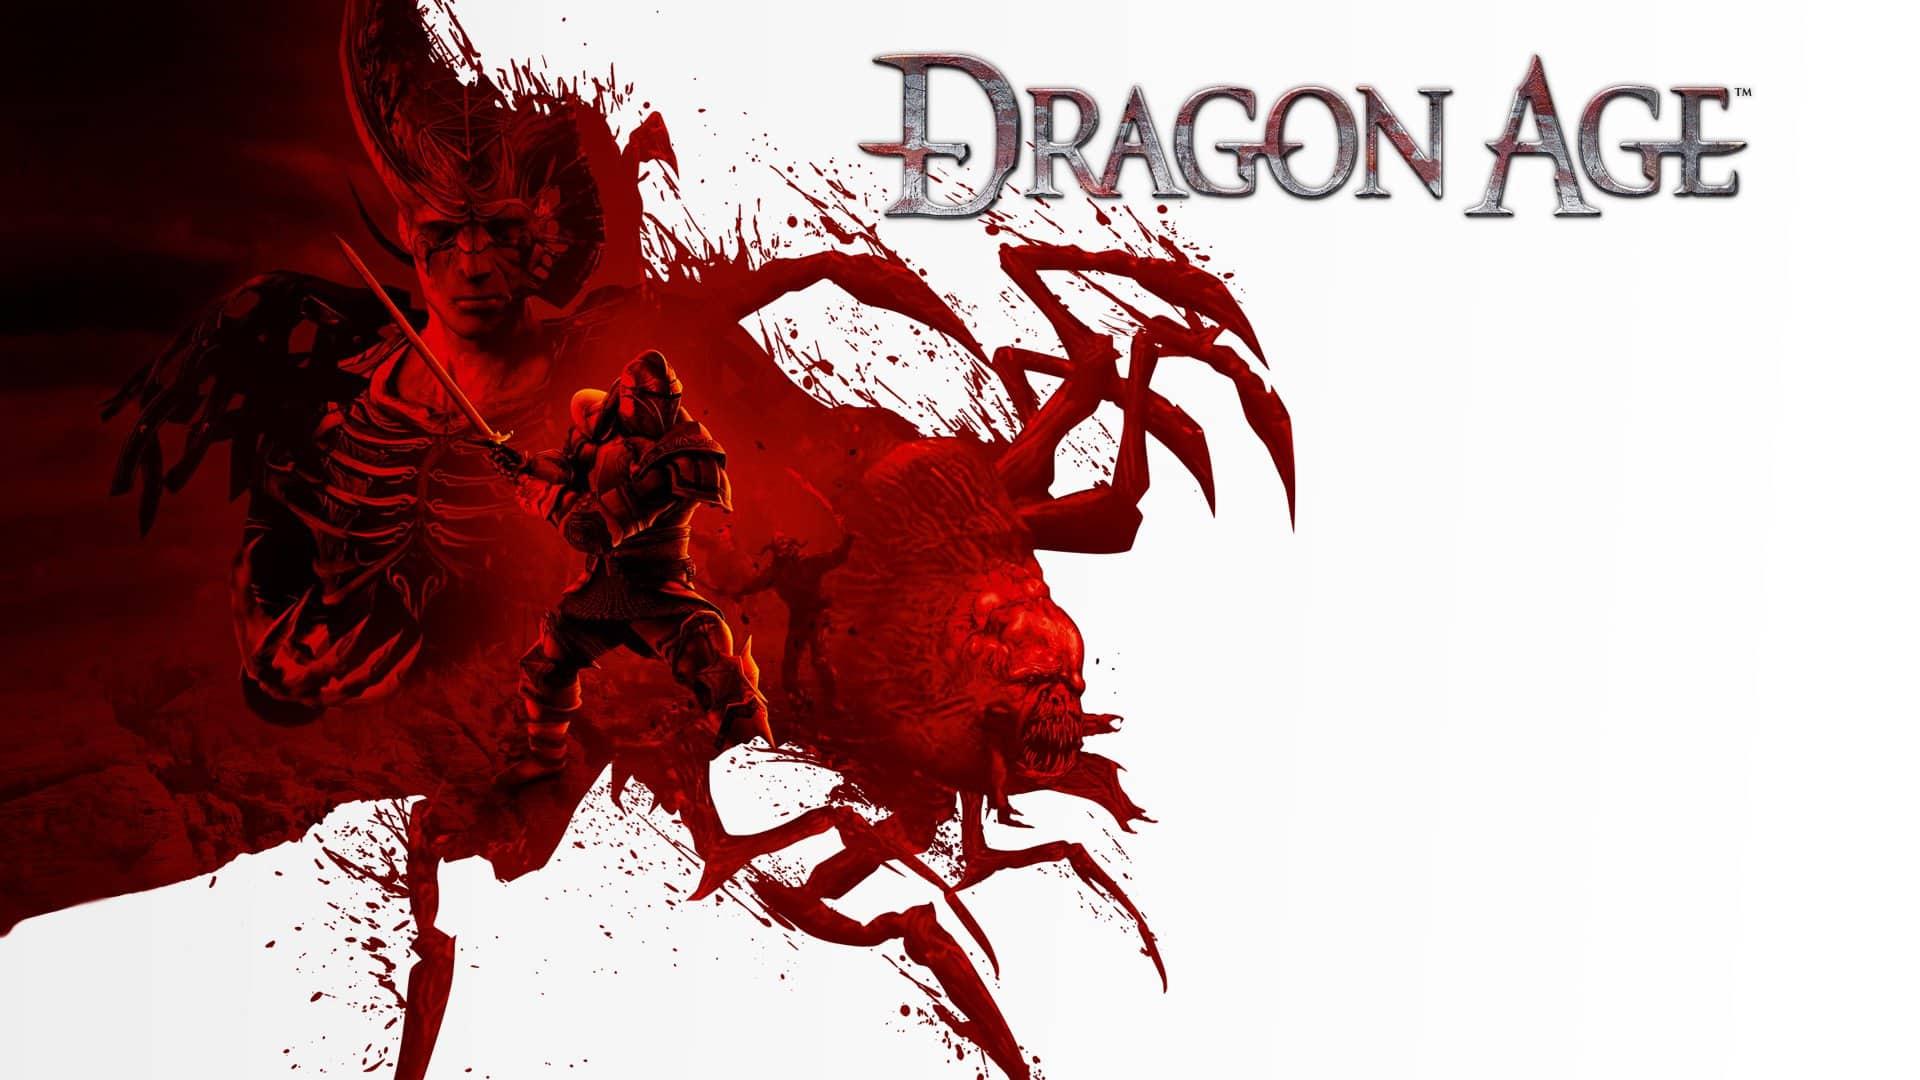 Dragon Age: Origins telecharger gratuit de PC et Torrent